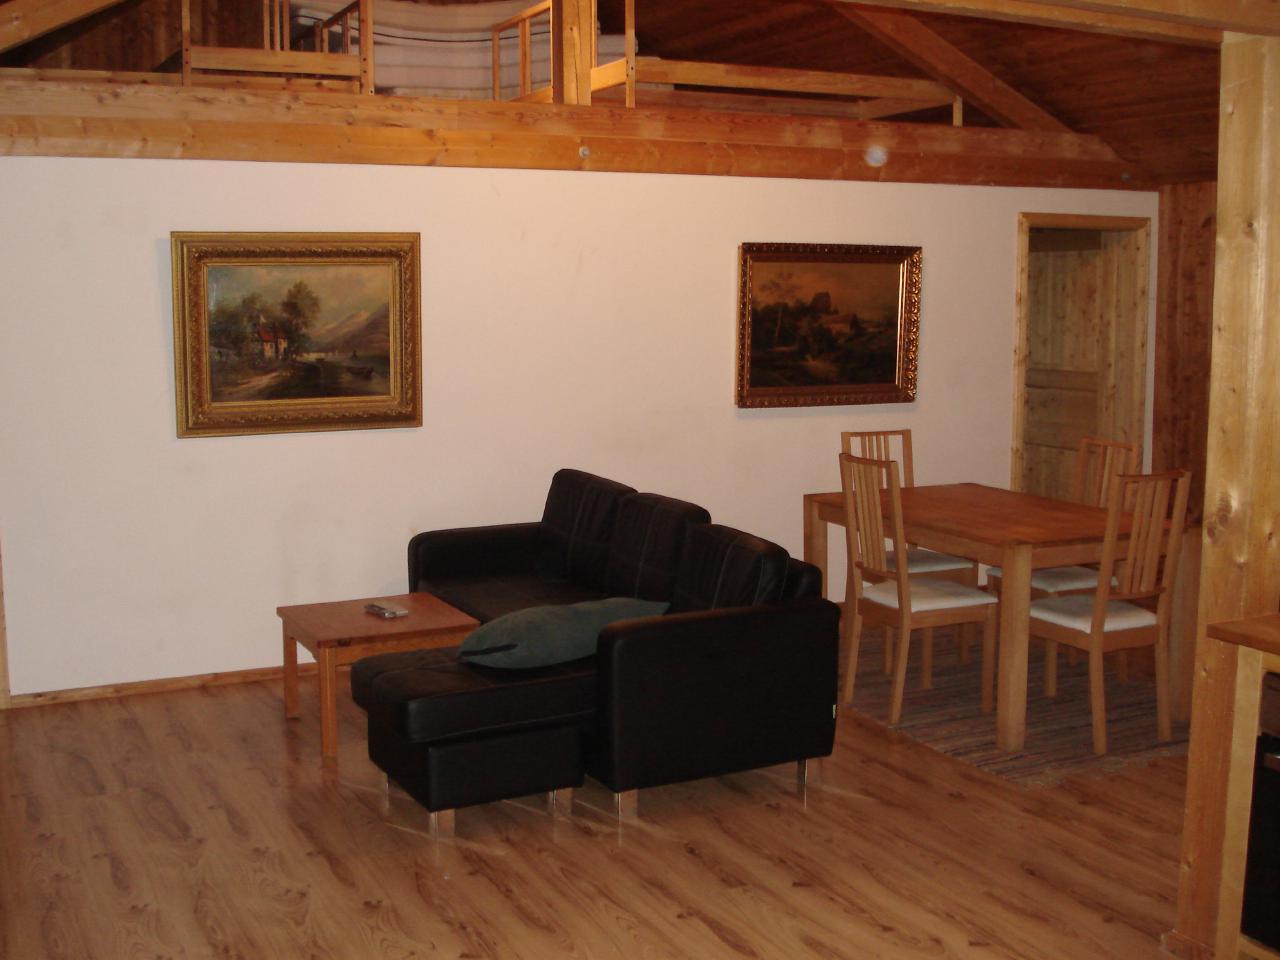 Ferienwohnung 80 m² große Loftwohnung (1713342), Kröning, Bayerisches Golf- und Thermenland, Bayern, Deutschland, Bild 3